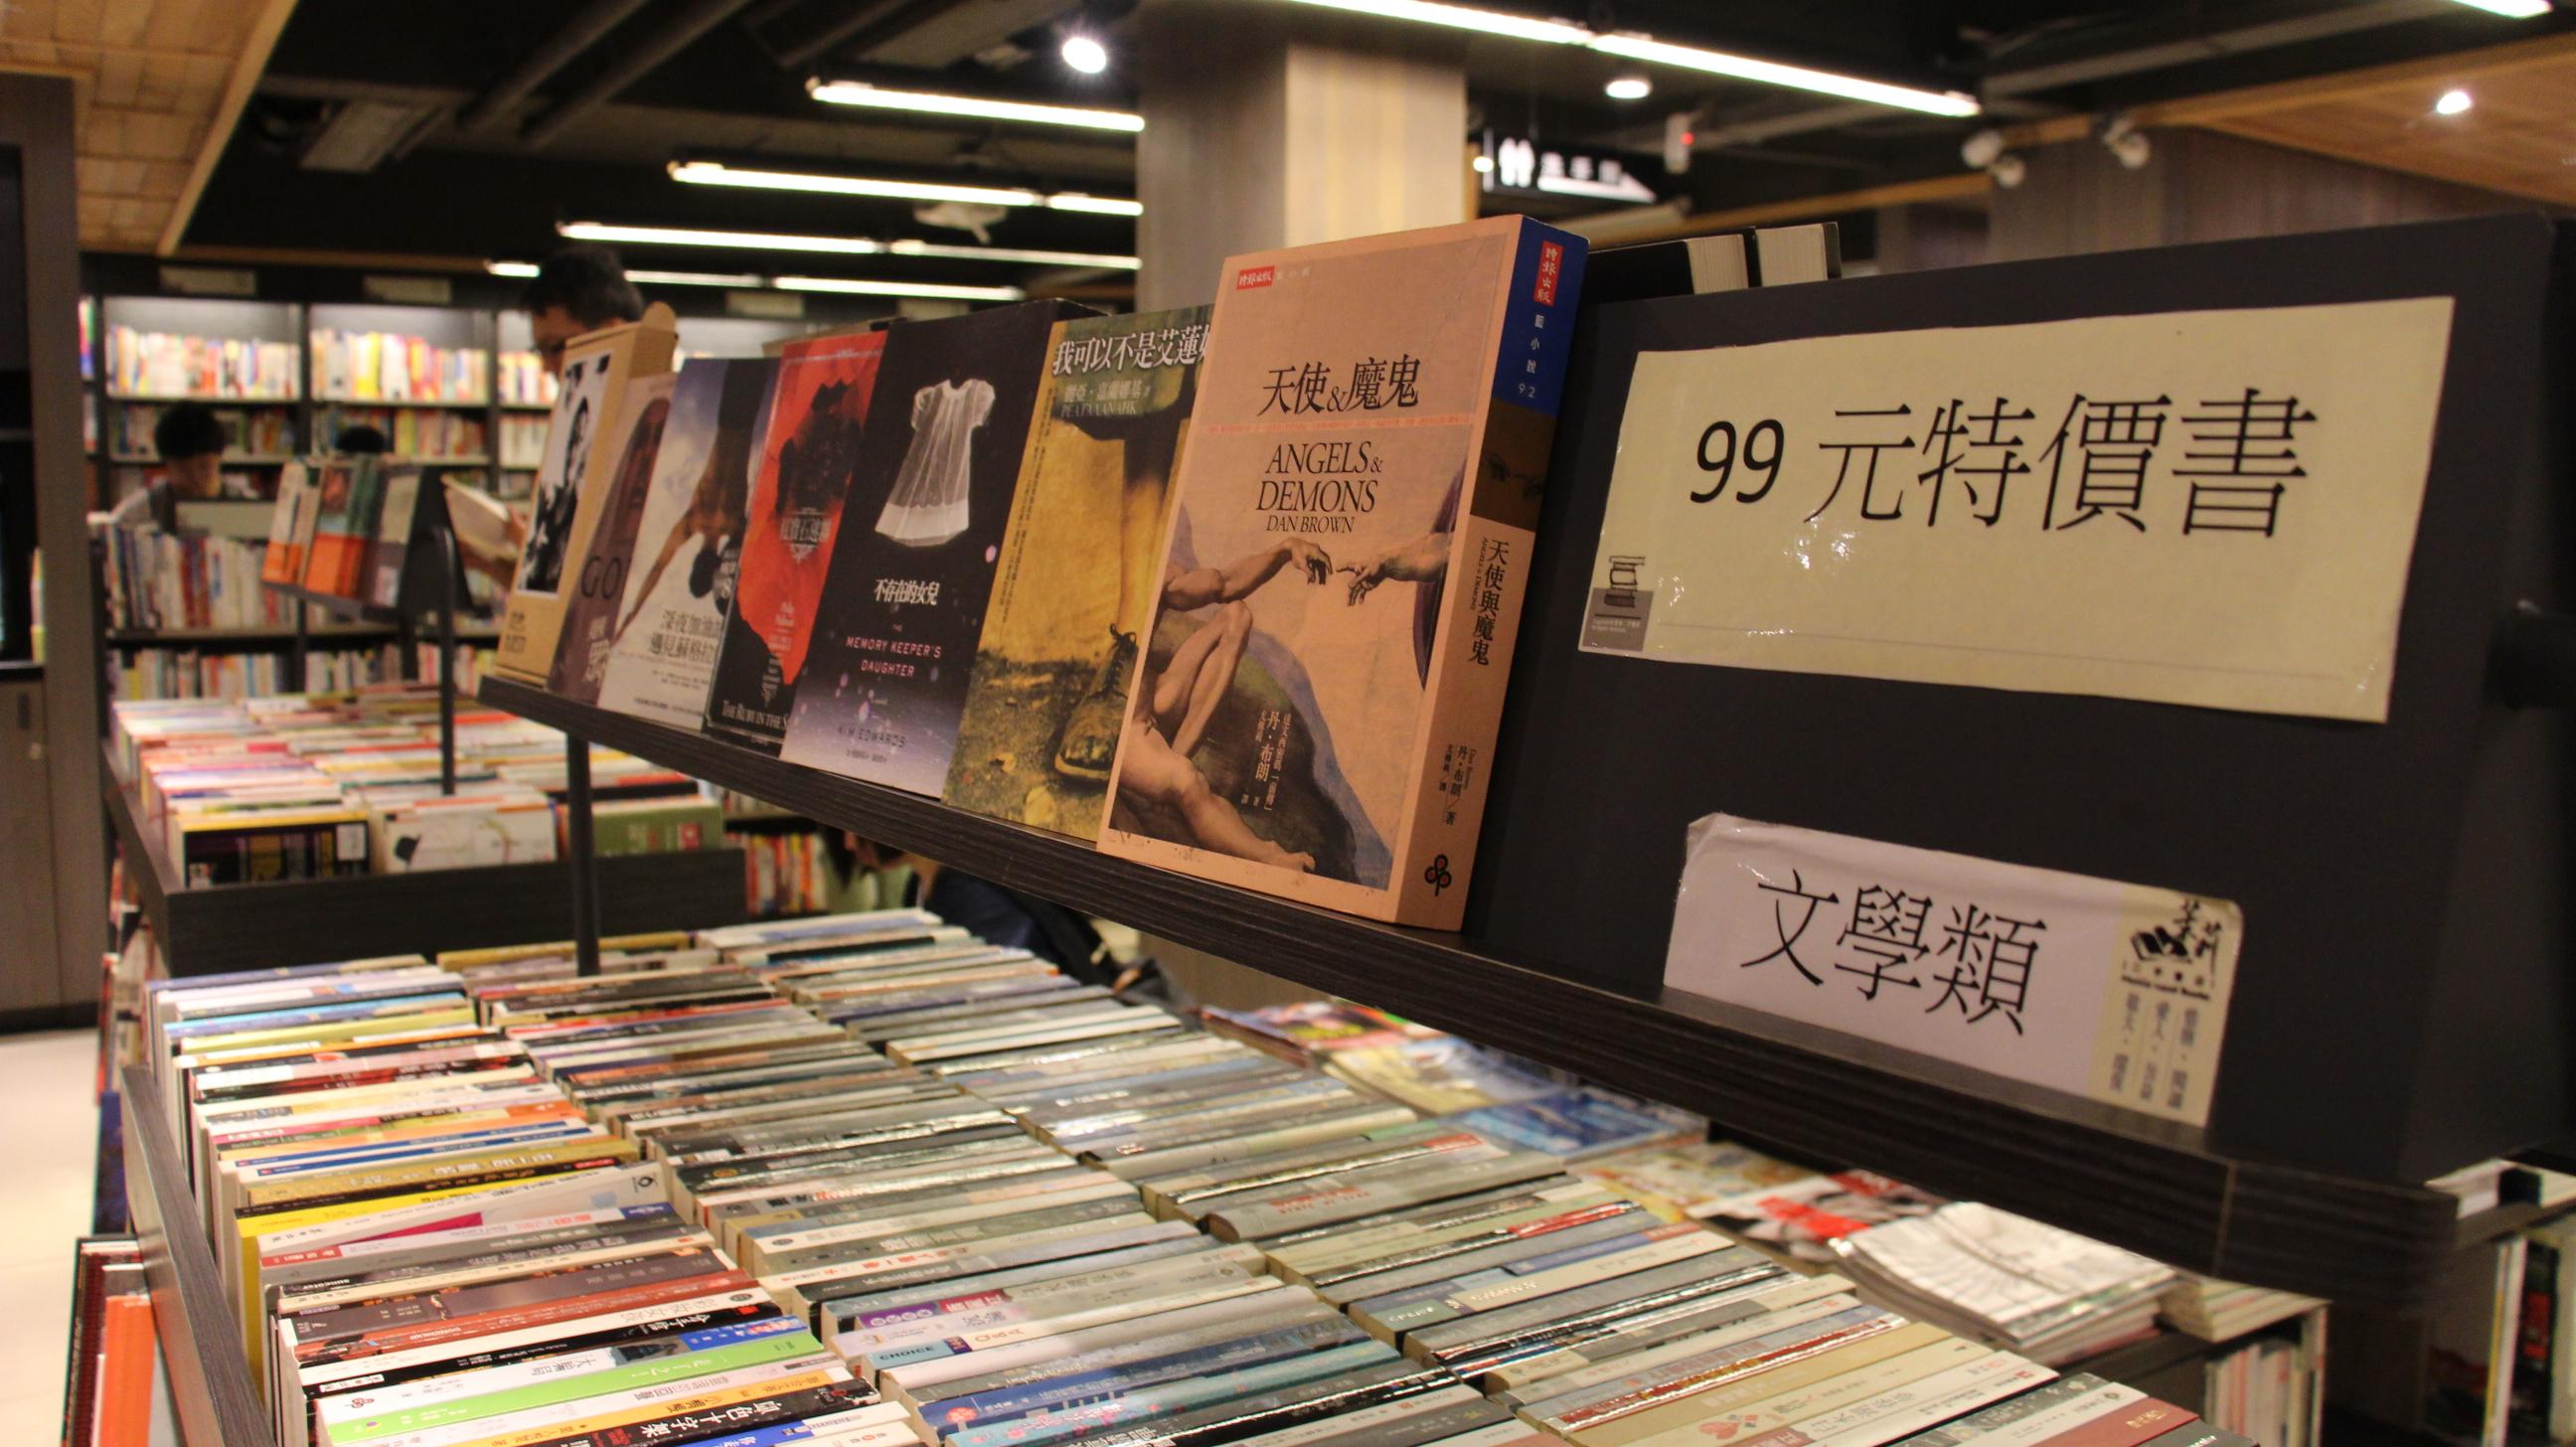 二手書店向民眾收購不需要的書籍,再以相當便宜的間隔販售,是其最大的優勢。攝影/張子怡